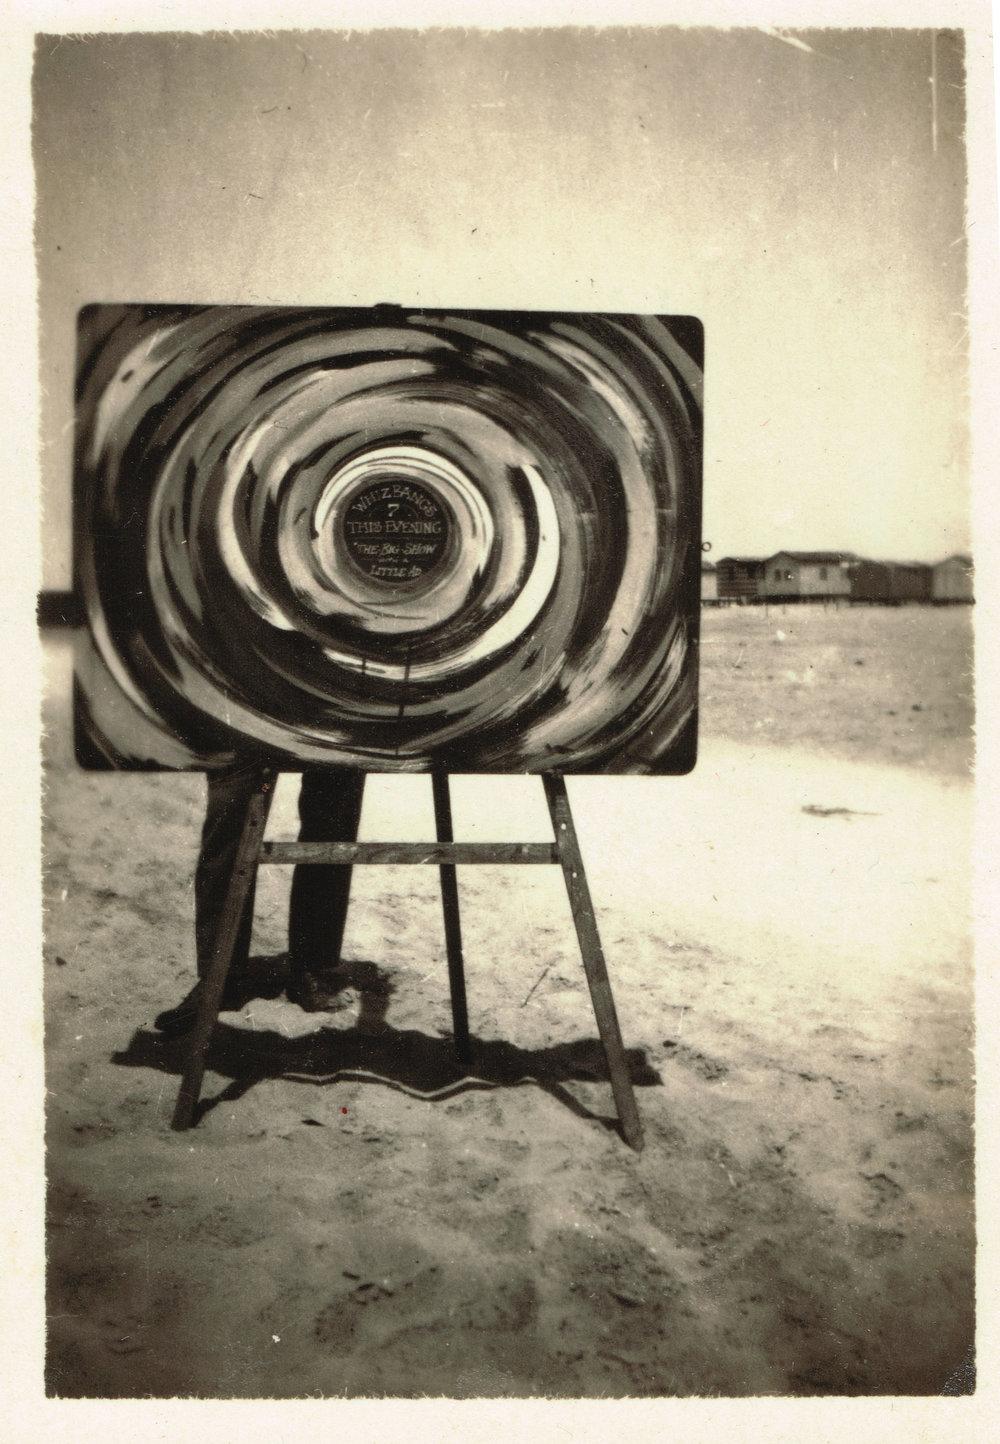 190110 Whiz Bangs at Tripoli.jpg